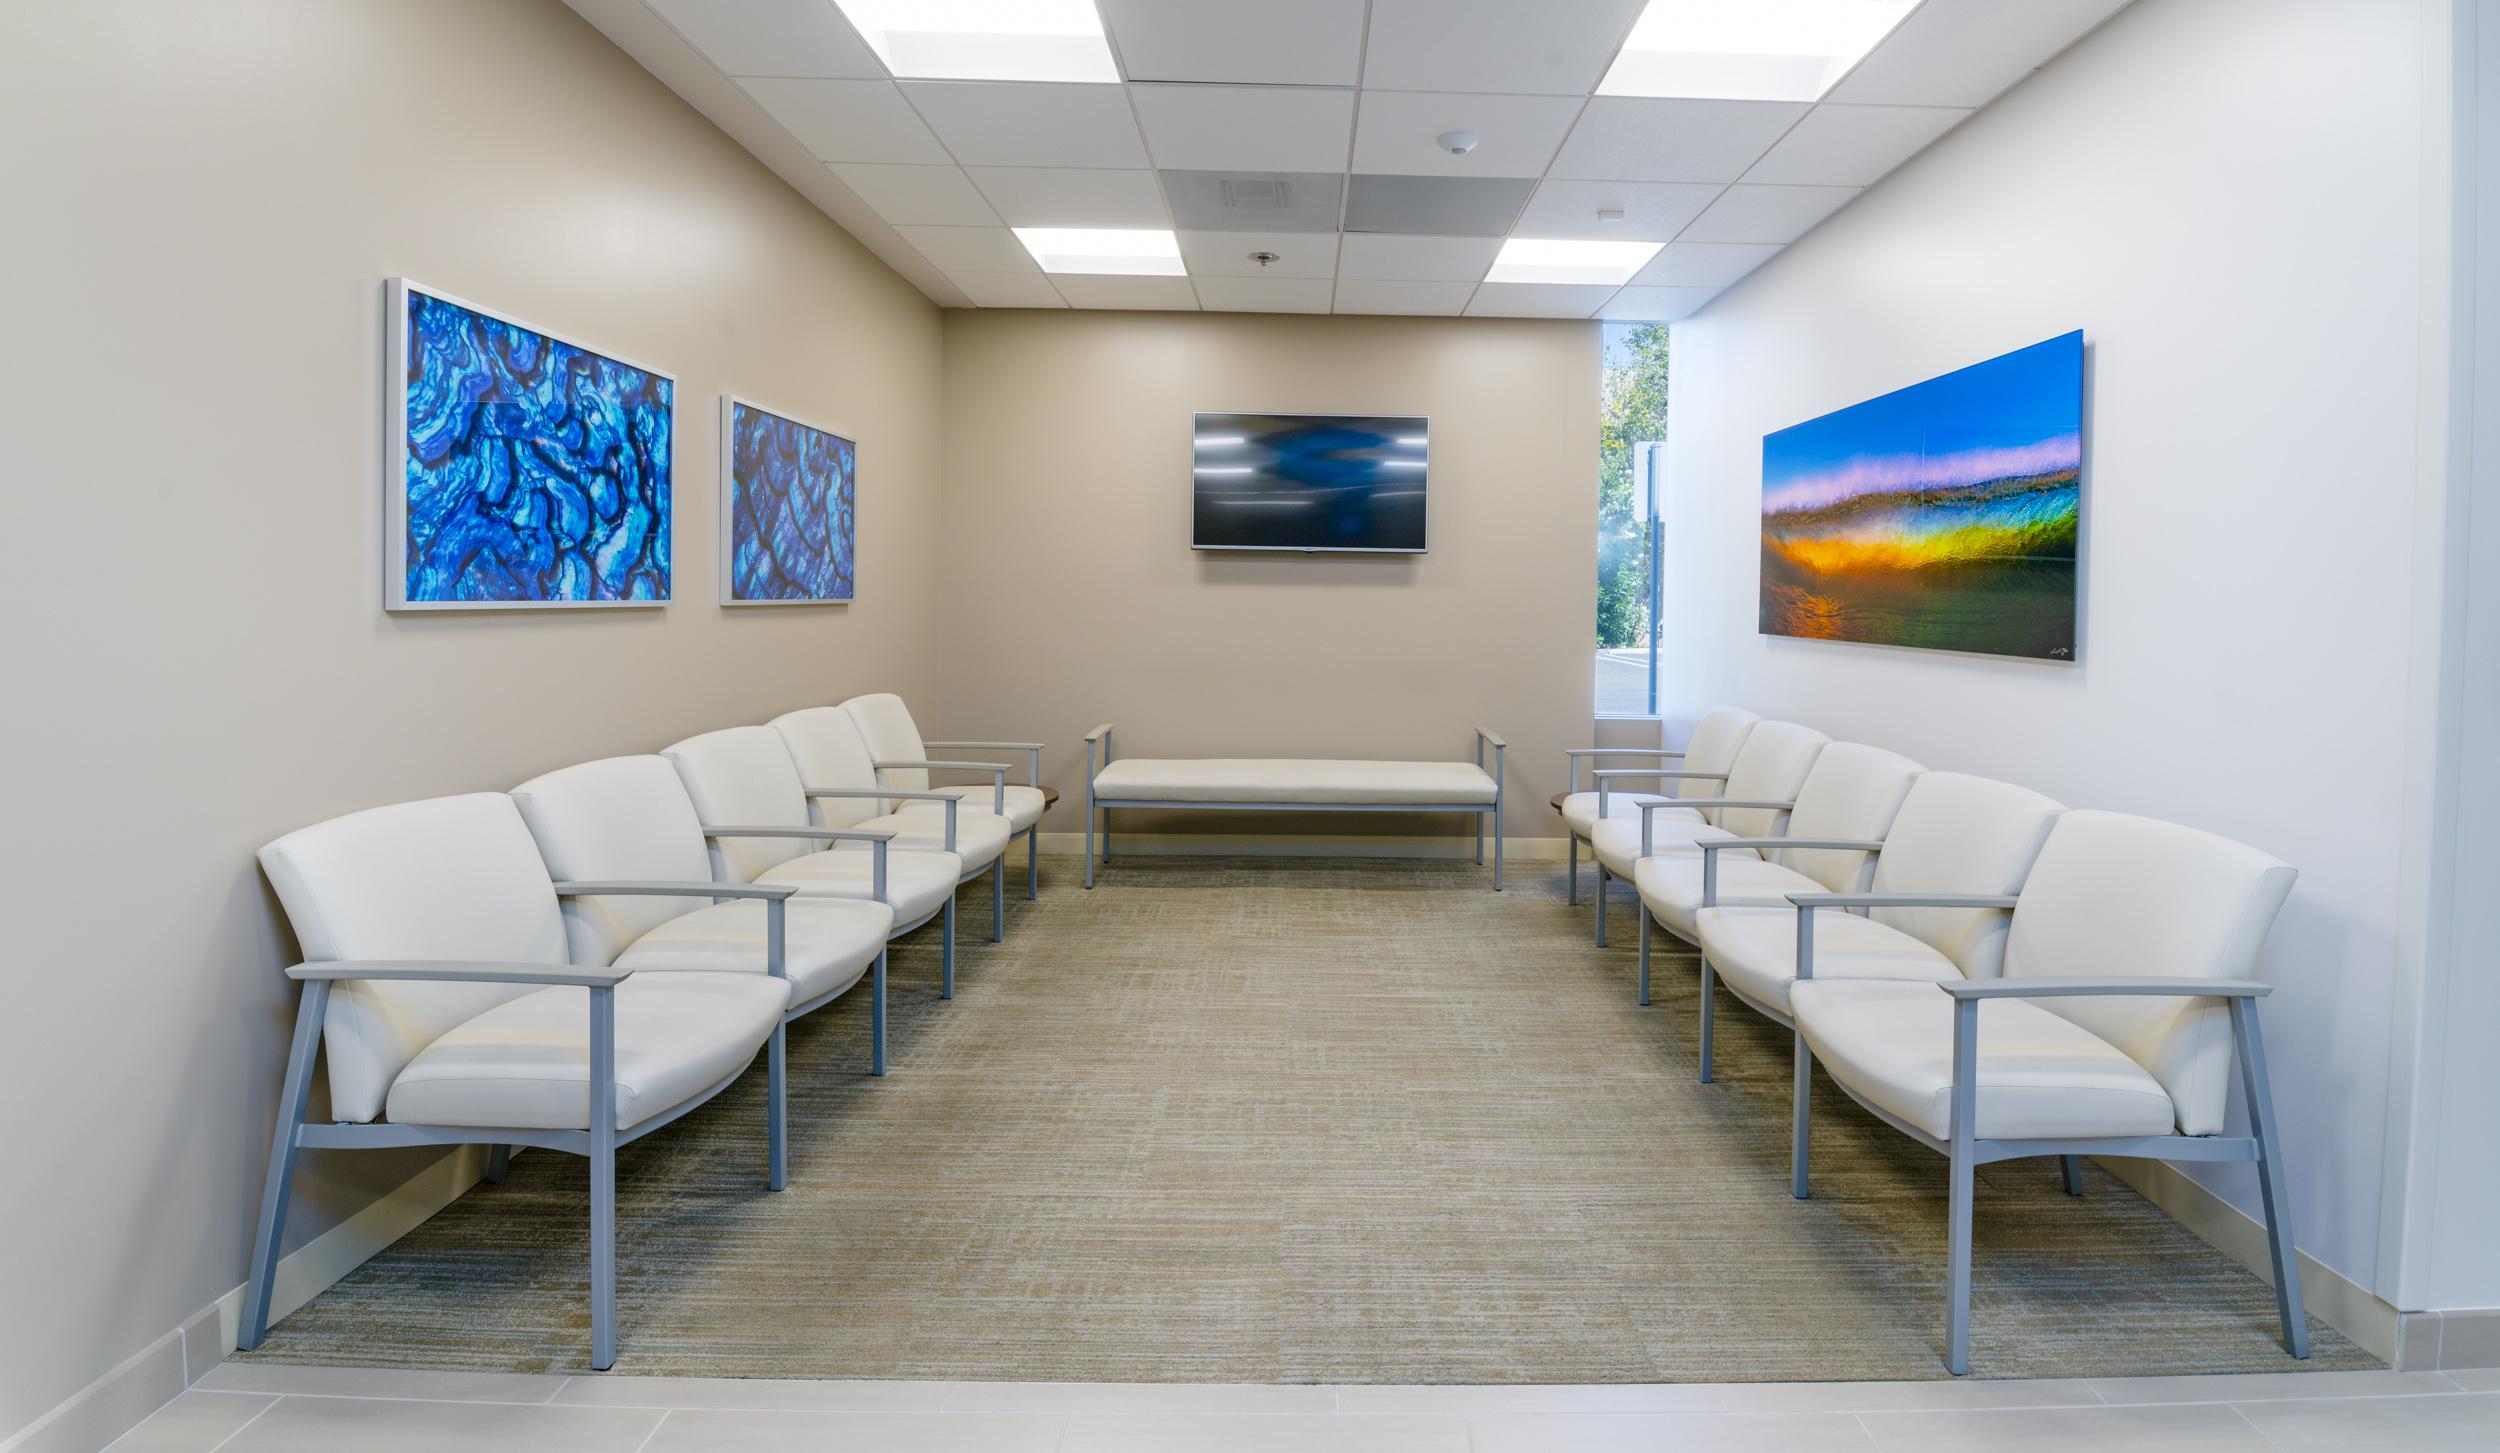 Senta Clinic Interior Web Res (10 of 10).JPG